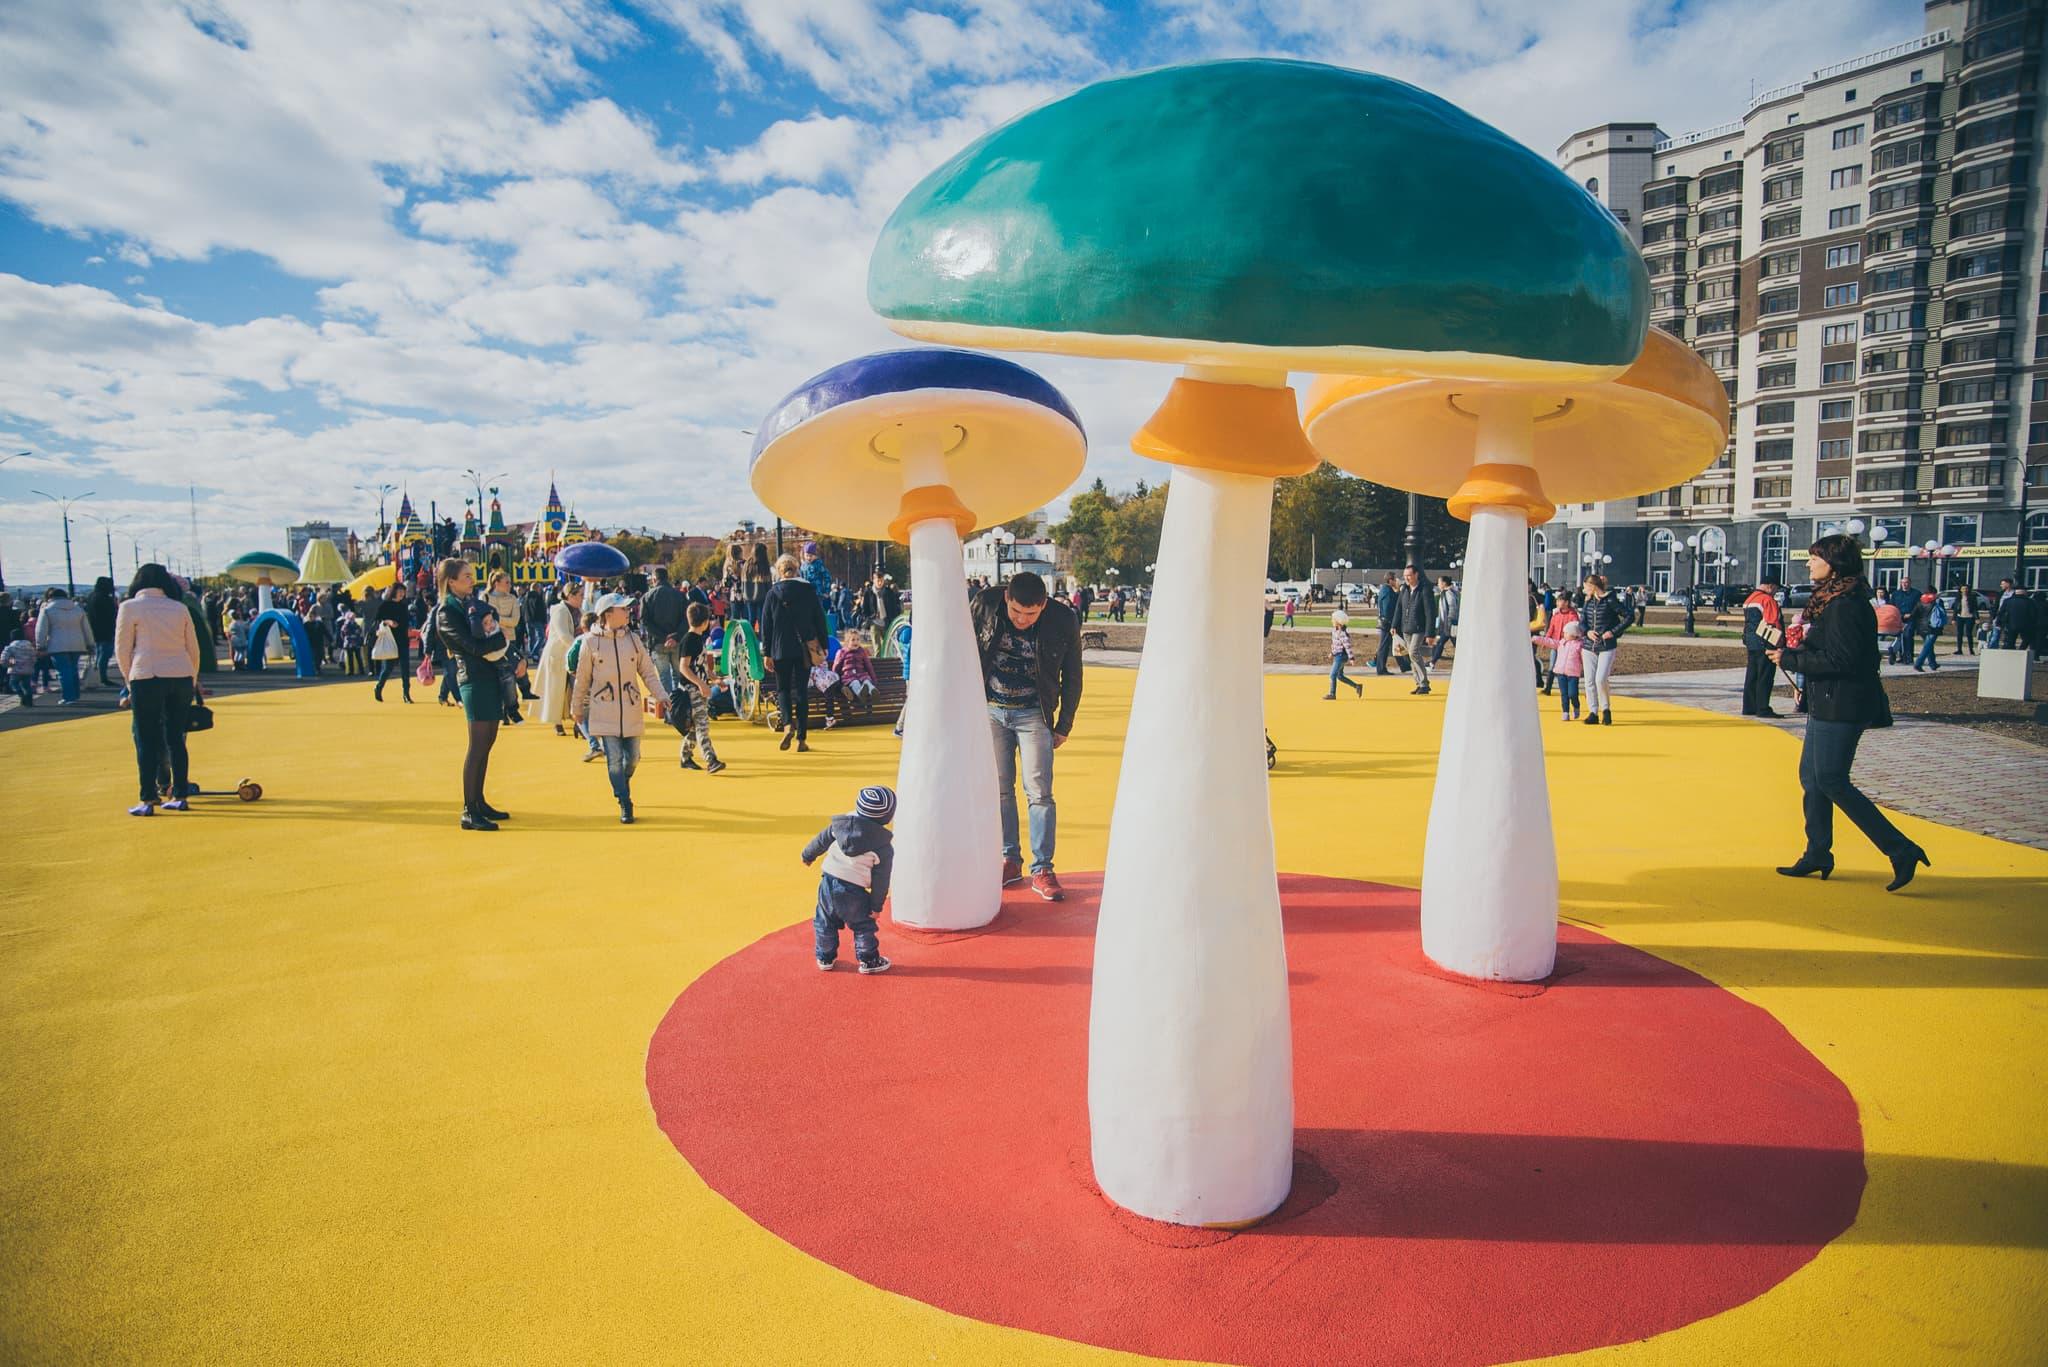 Ростовая фигура Гриб для детской площадки